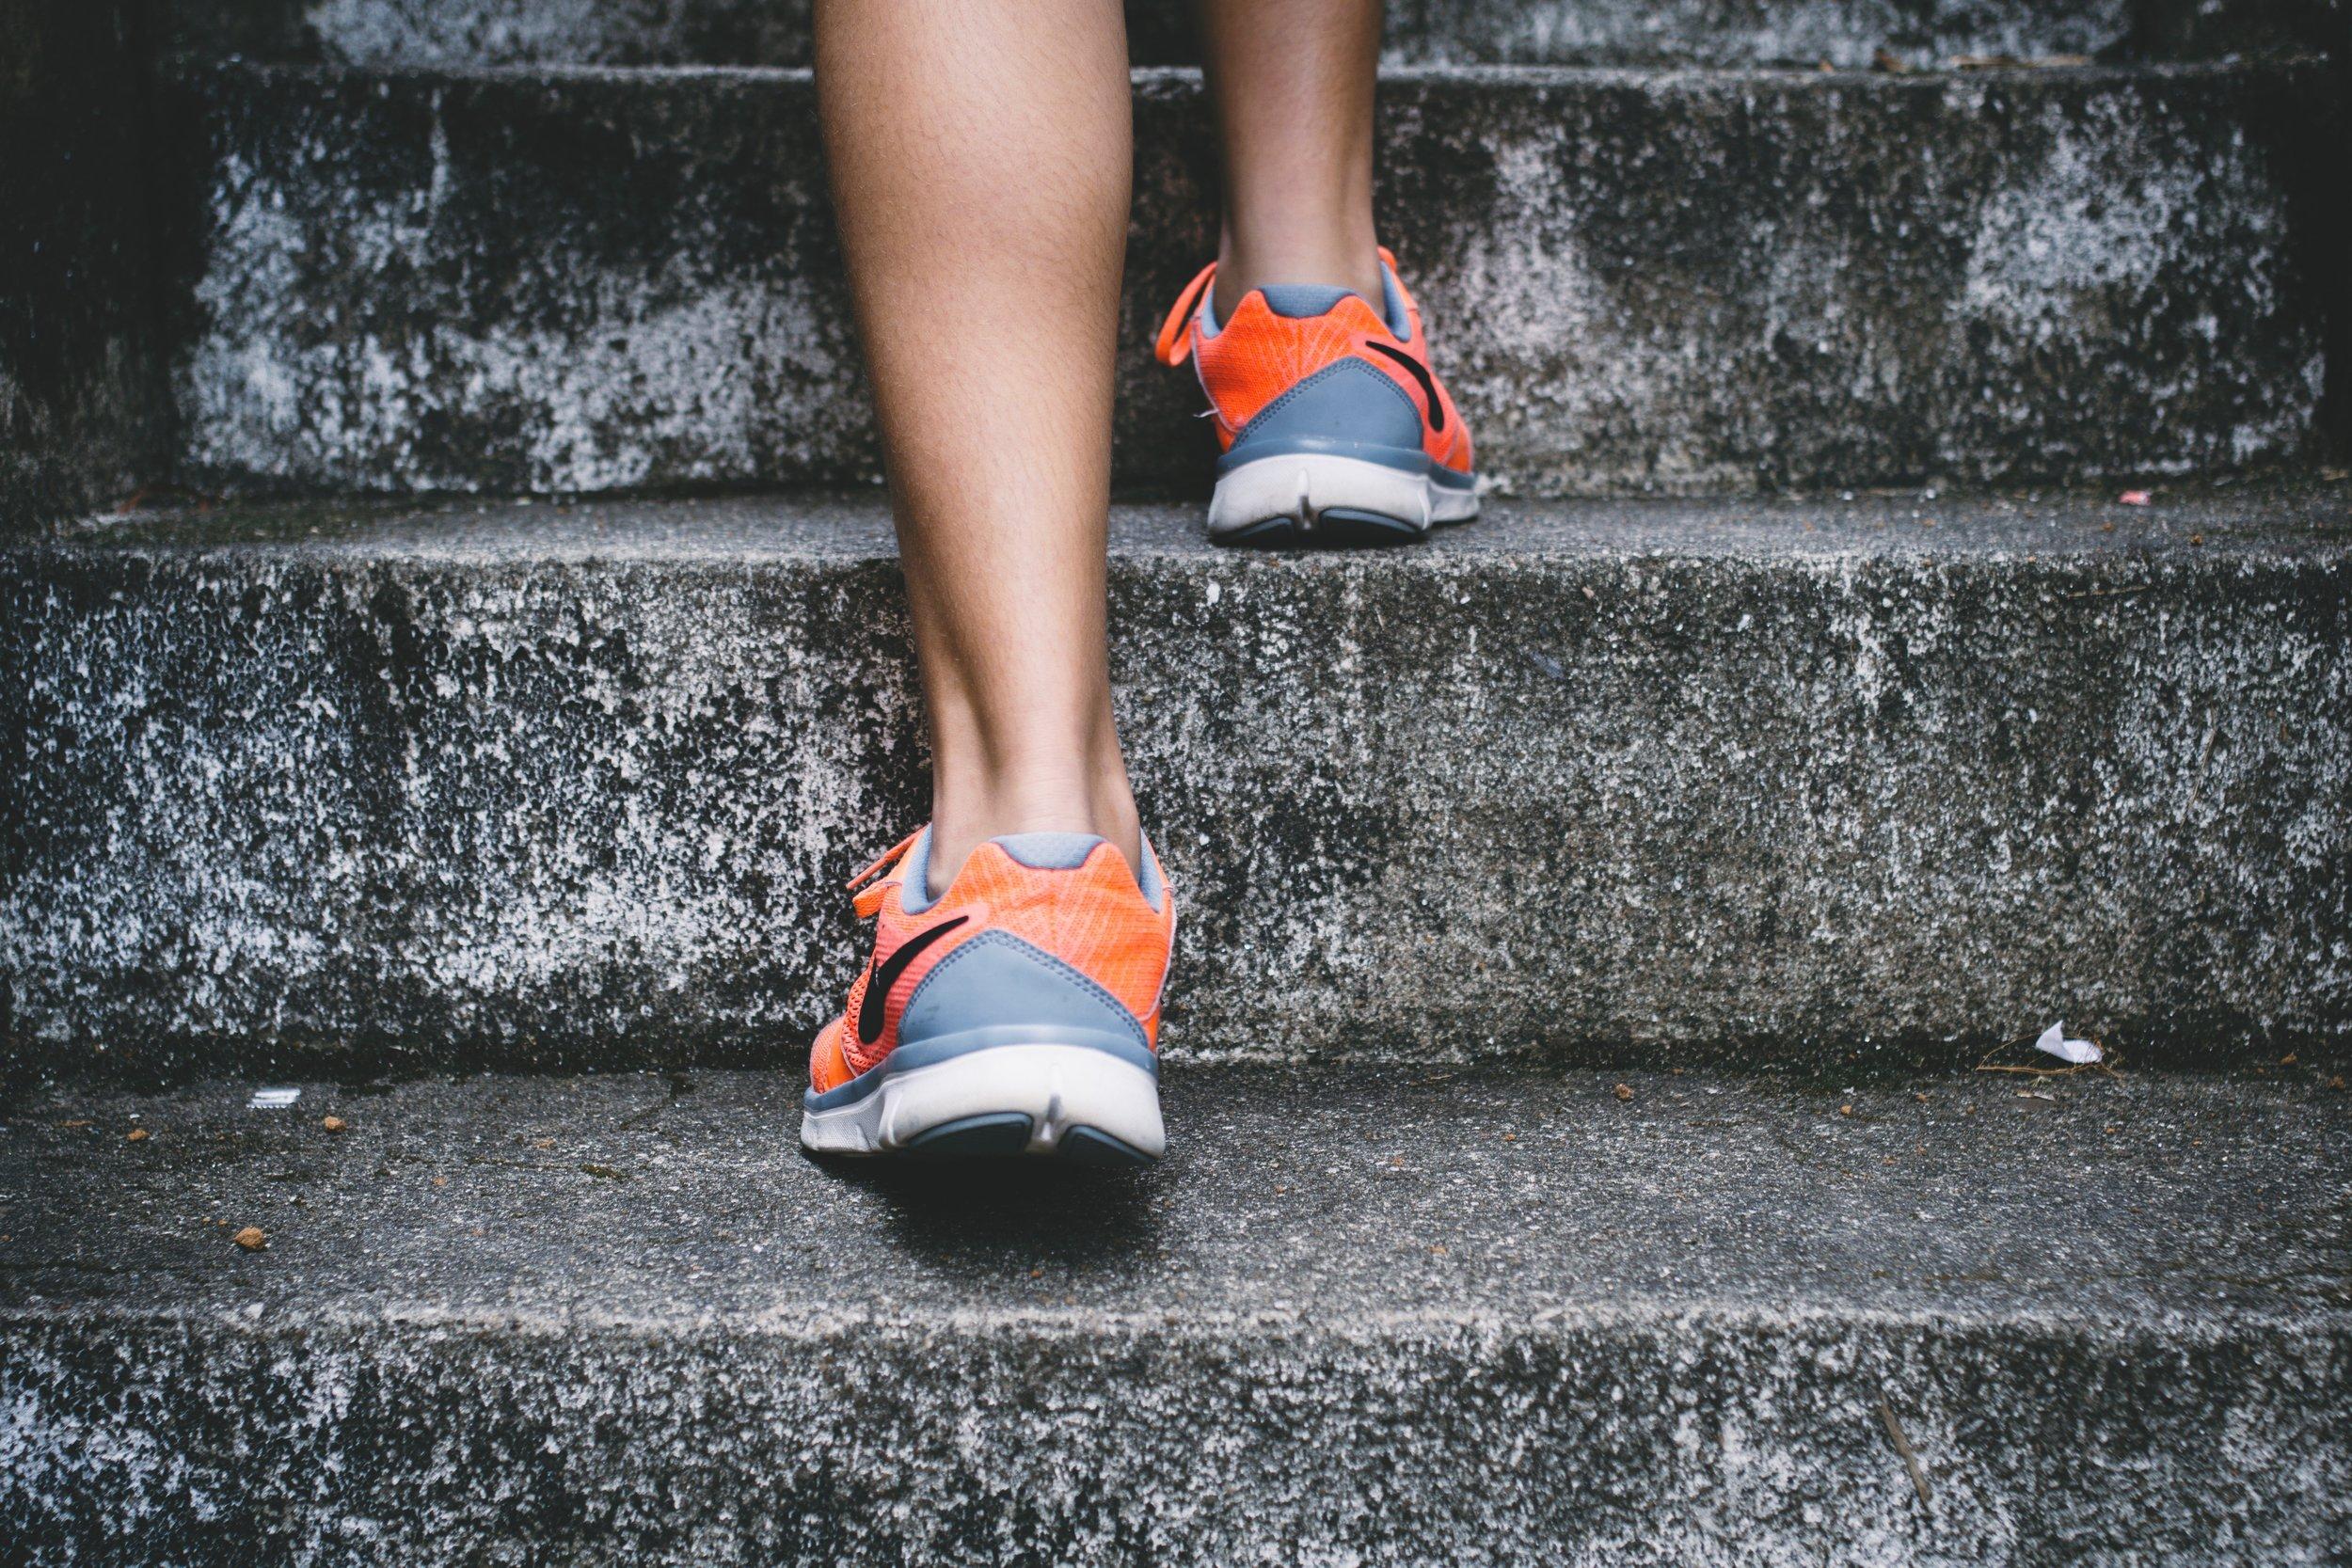 تناسب اندام با بالا رفتن از پله